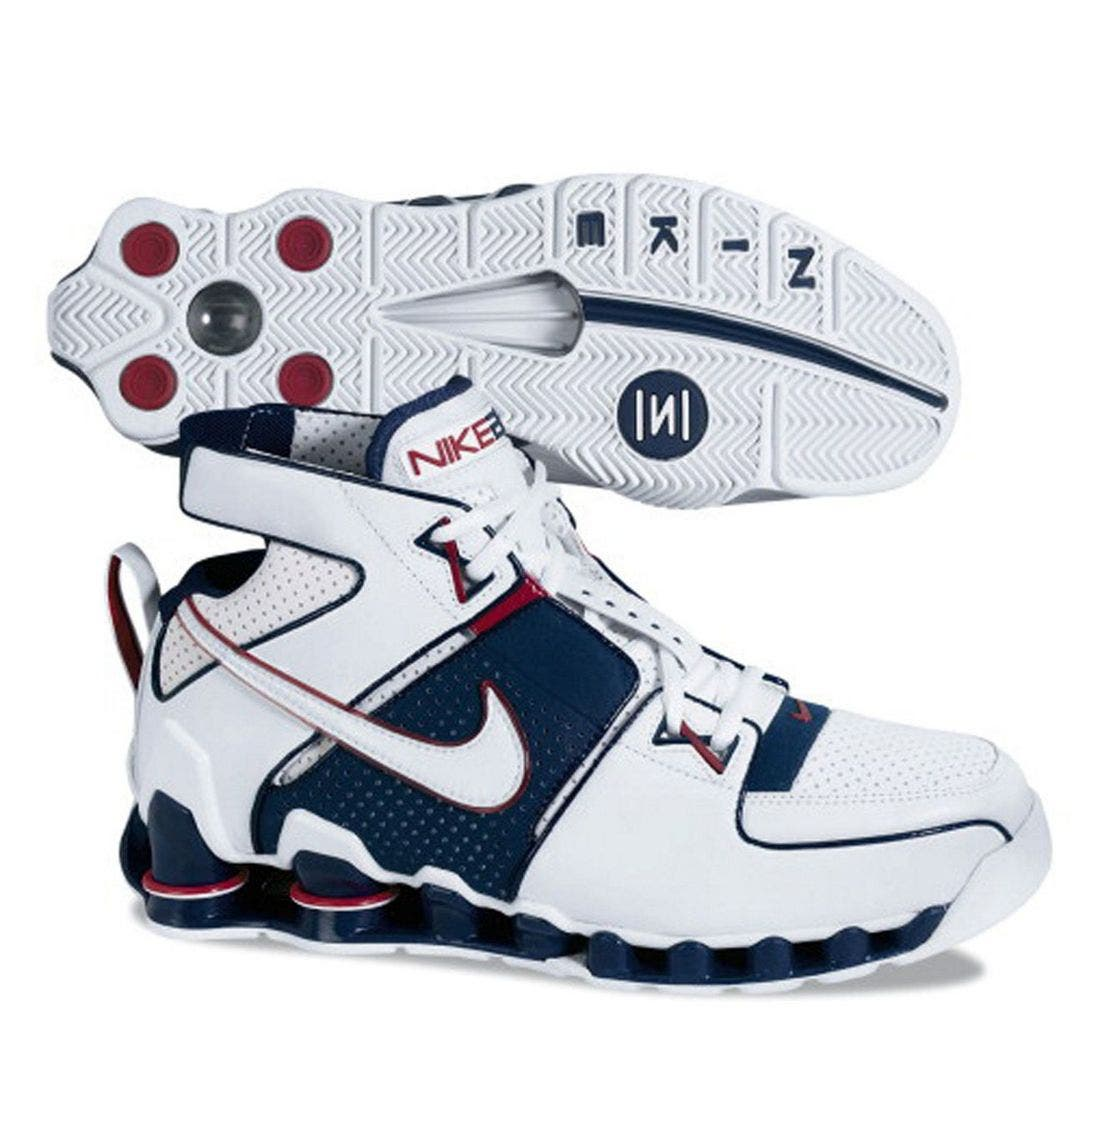 Nike Shox Bombardero Para Hombre Zapatillas De Baloncesto descuento auténtica NYiySUO6